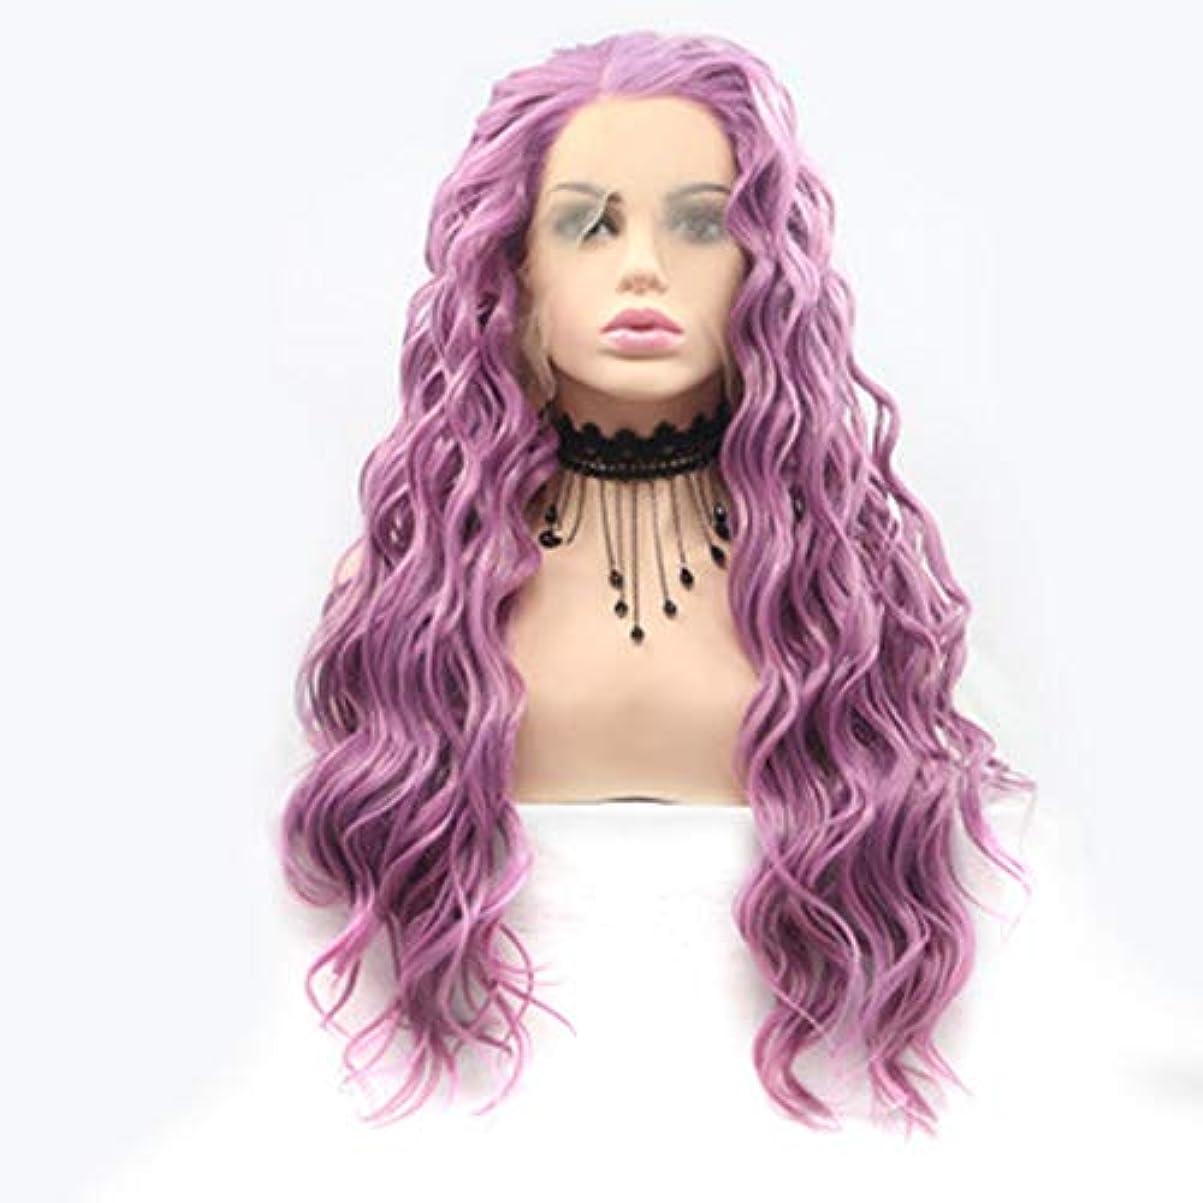 振り向くはずスクラブヘアピース 女性のヨーロッパとアメリカの化学繊維のかつらアニメCoapaly長い巻き毛のかつら